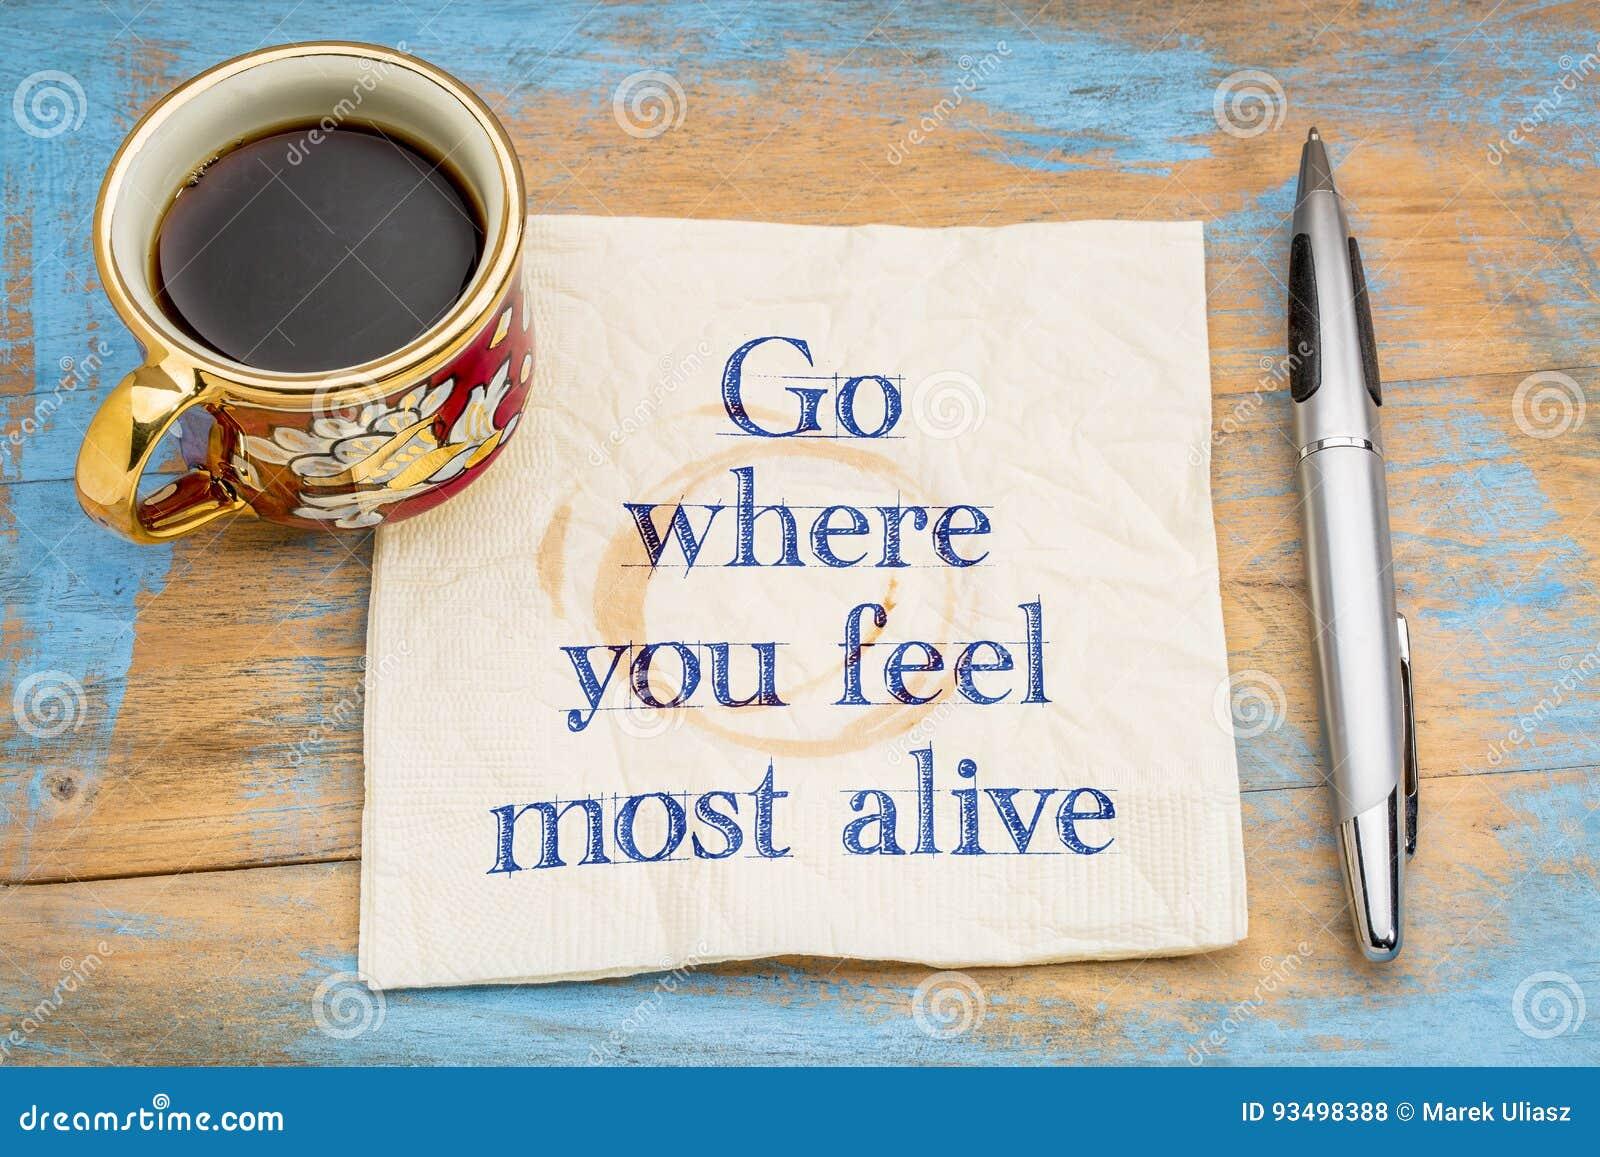 Πηγαίνετε όπου αισθάνεστε πιό ζωντανοί